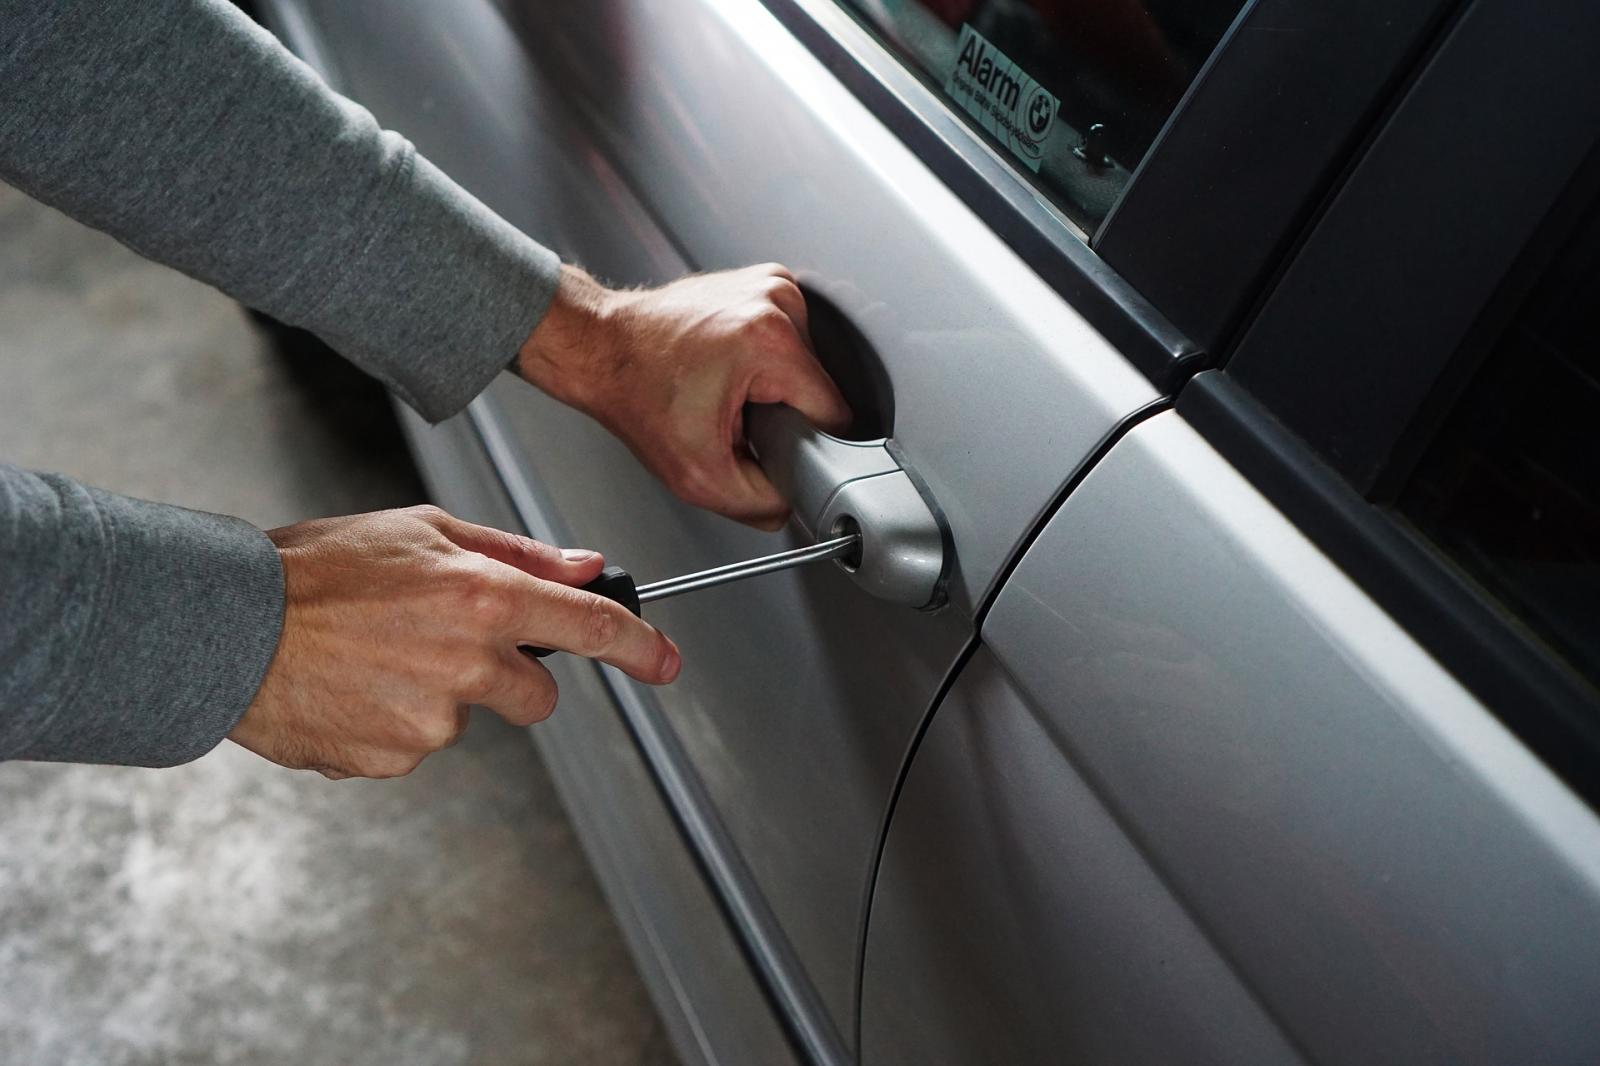 Según cifras de la AMIS, 64% del robo de autos ocurre con violencia